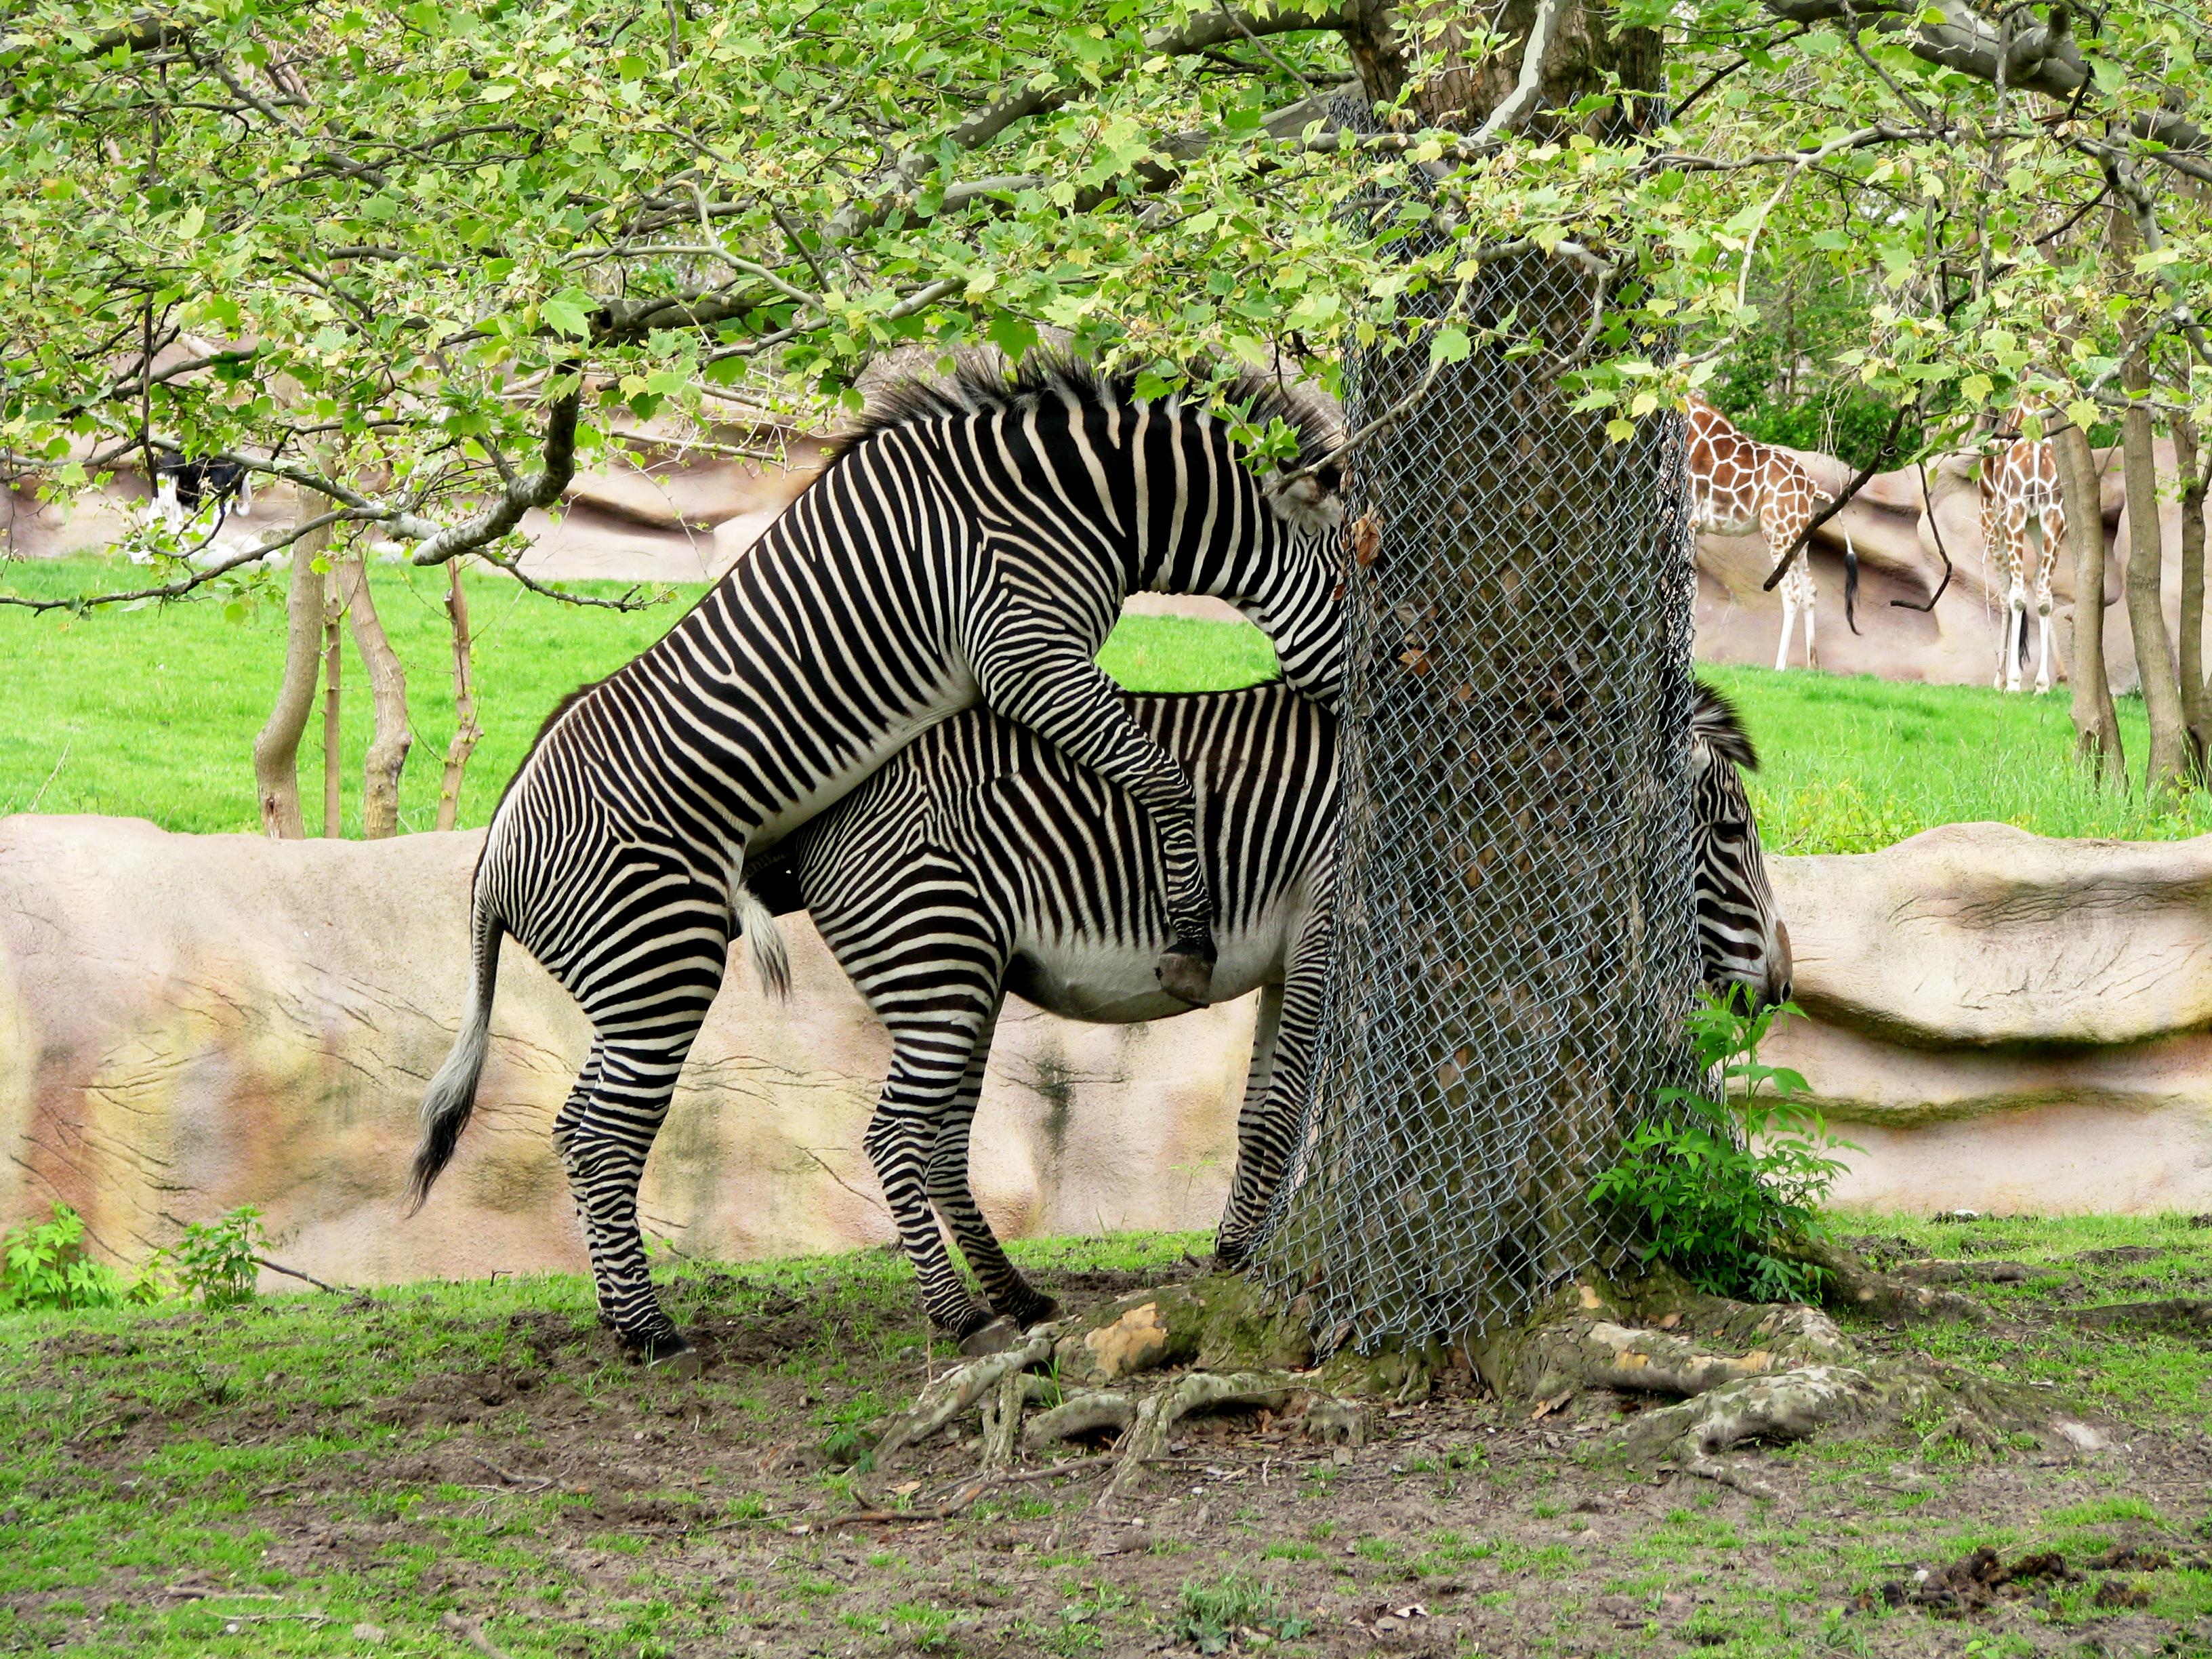 Filedetroit Zoo Zebras Mating 2501767179jpg Wikimedia Commons